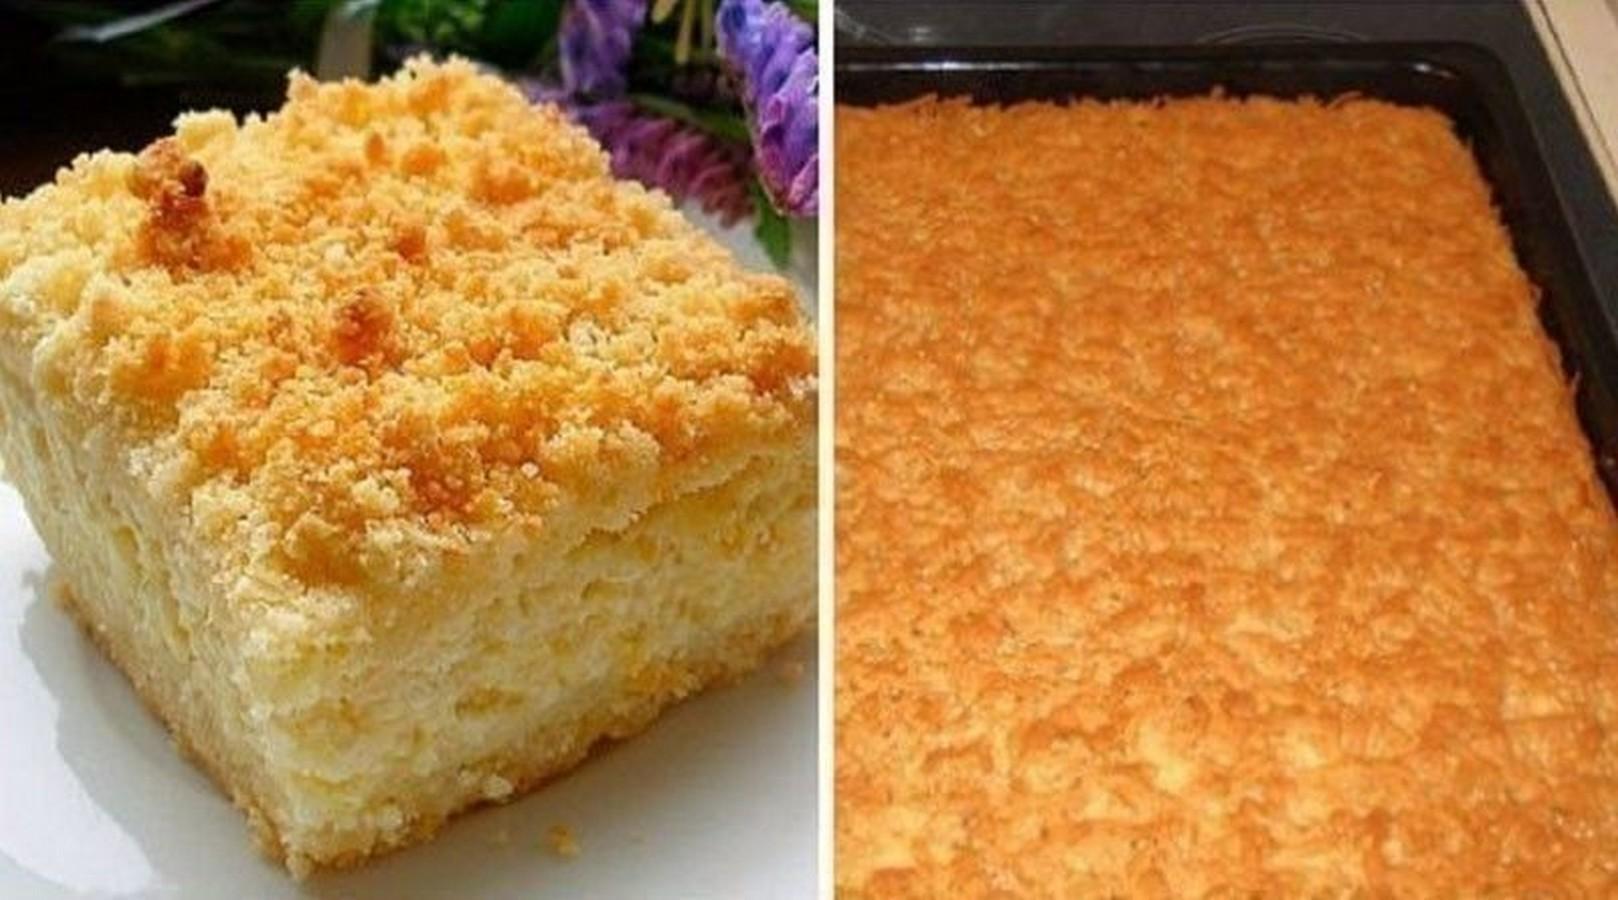 тертого пирога с творогом